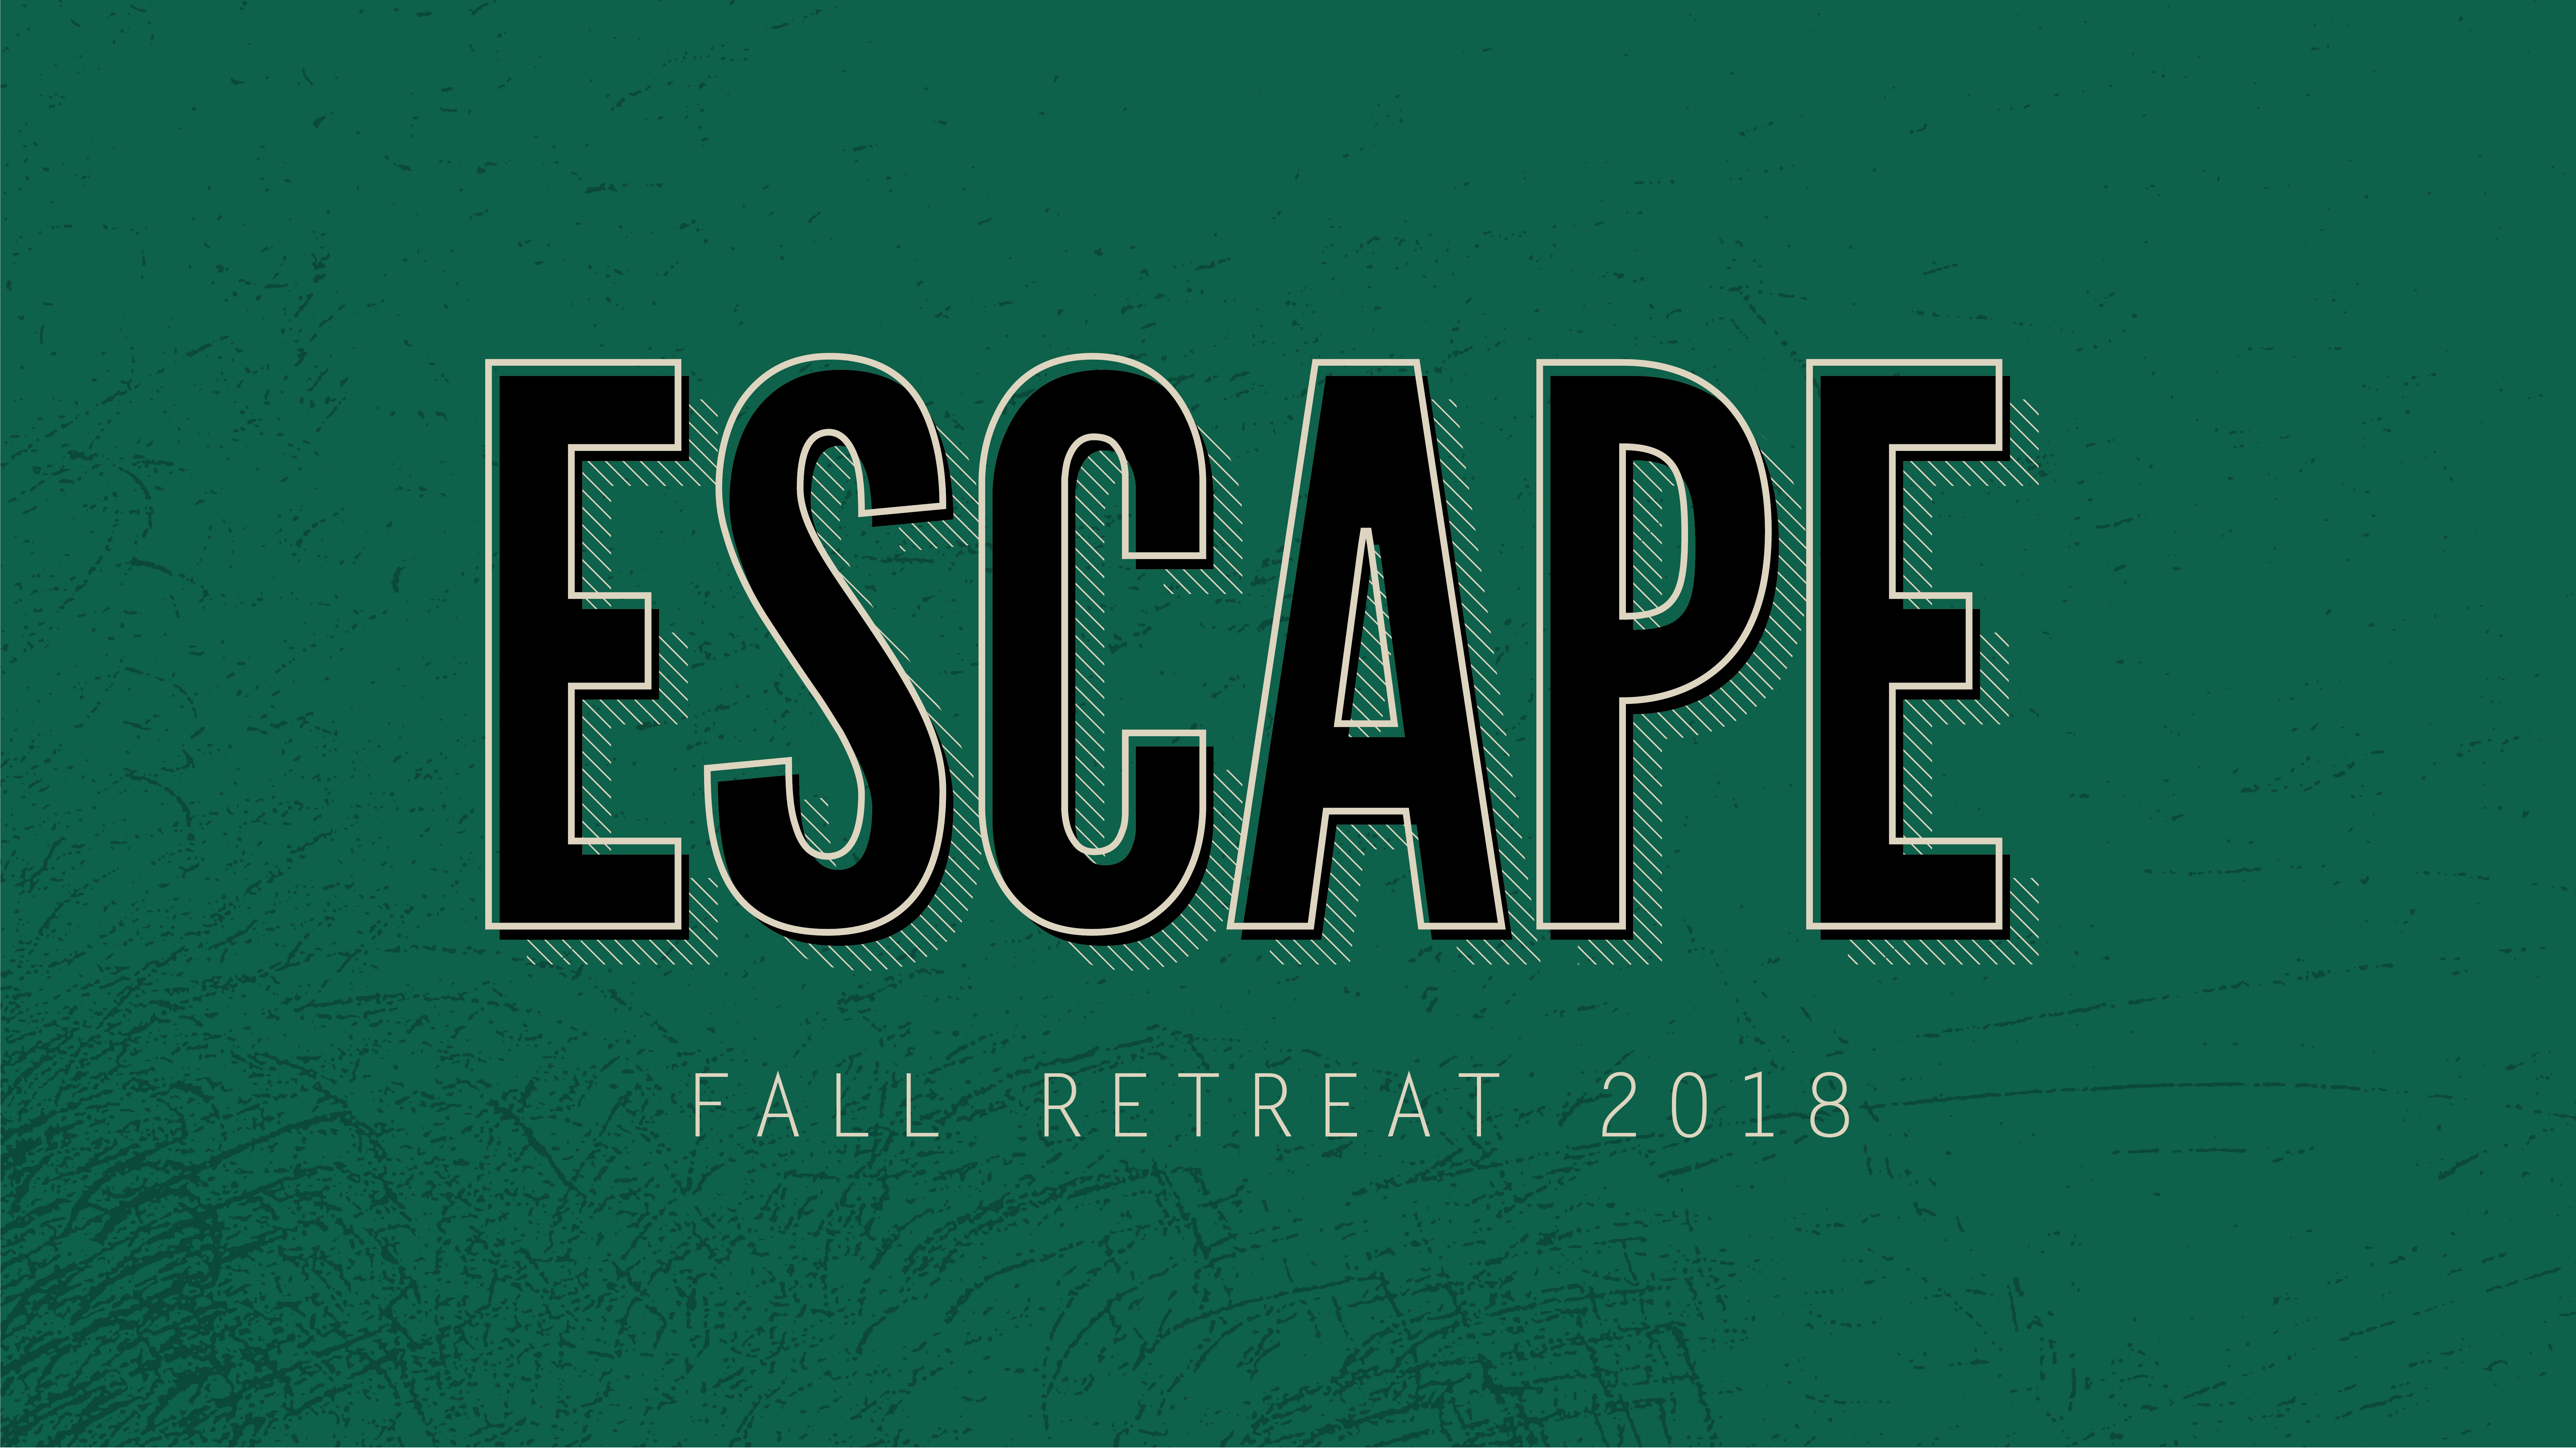 Hsm escape 2018 screen graphic